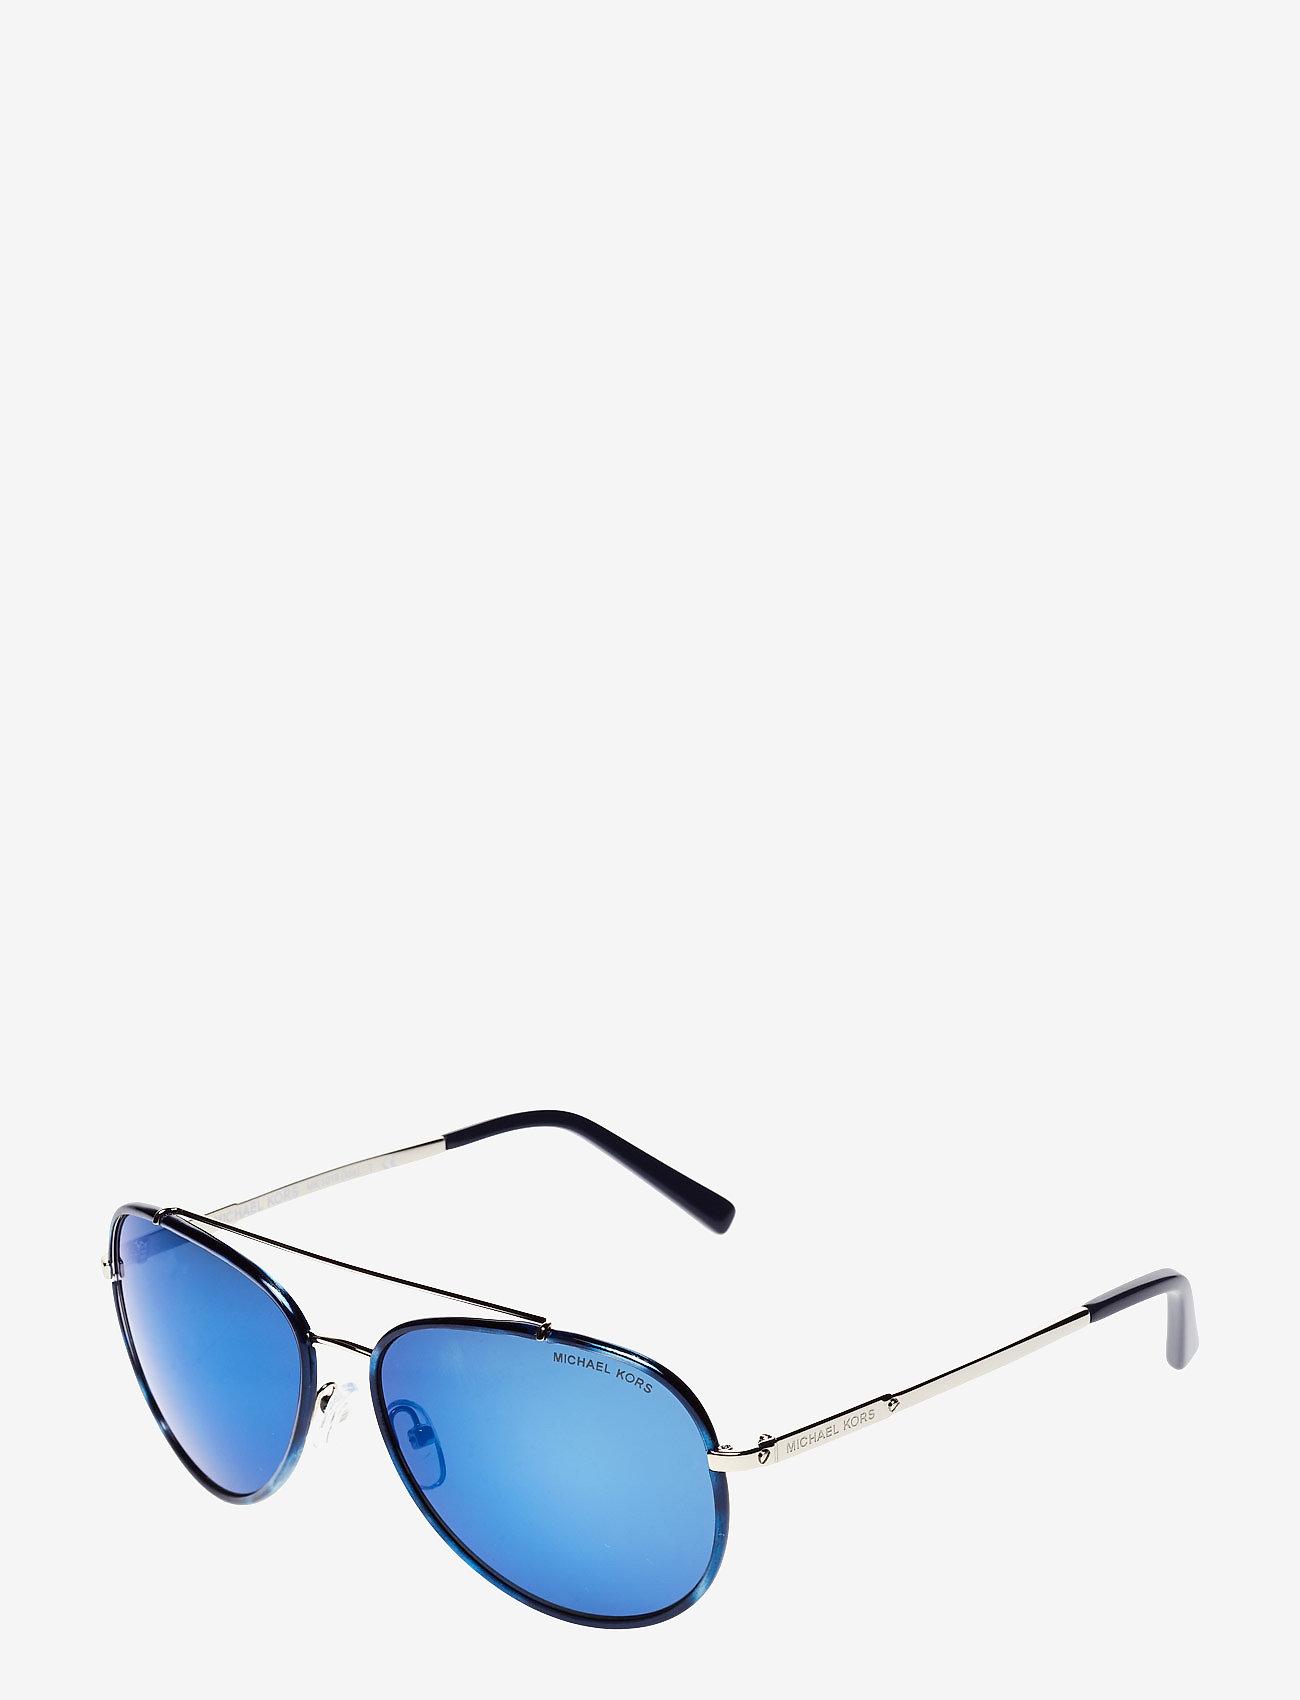 Michael Kors Sunglasses - Aviator - okulary przeciwsłoneczne aviator - navy/silver-tone - 1